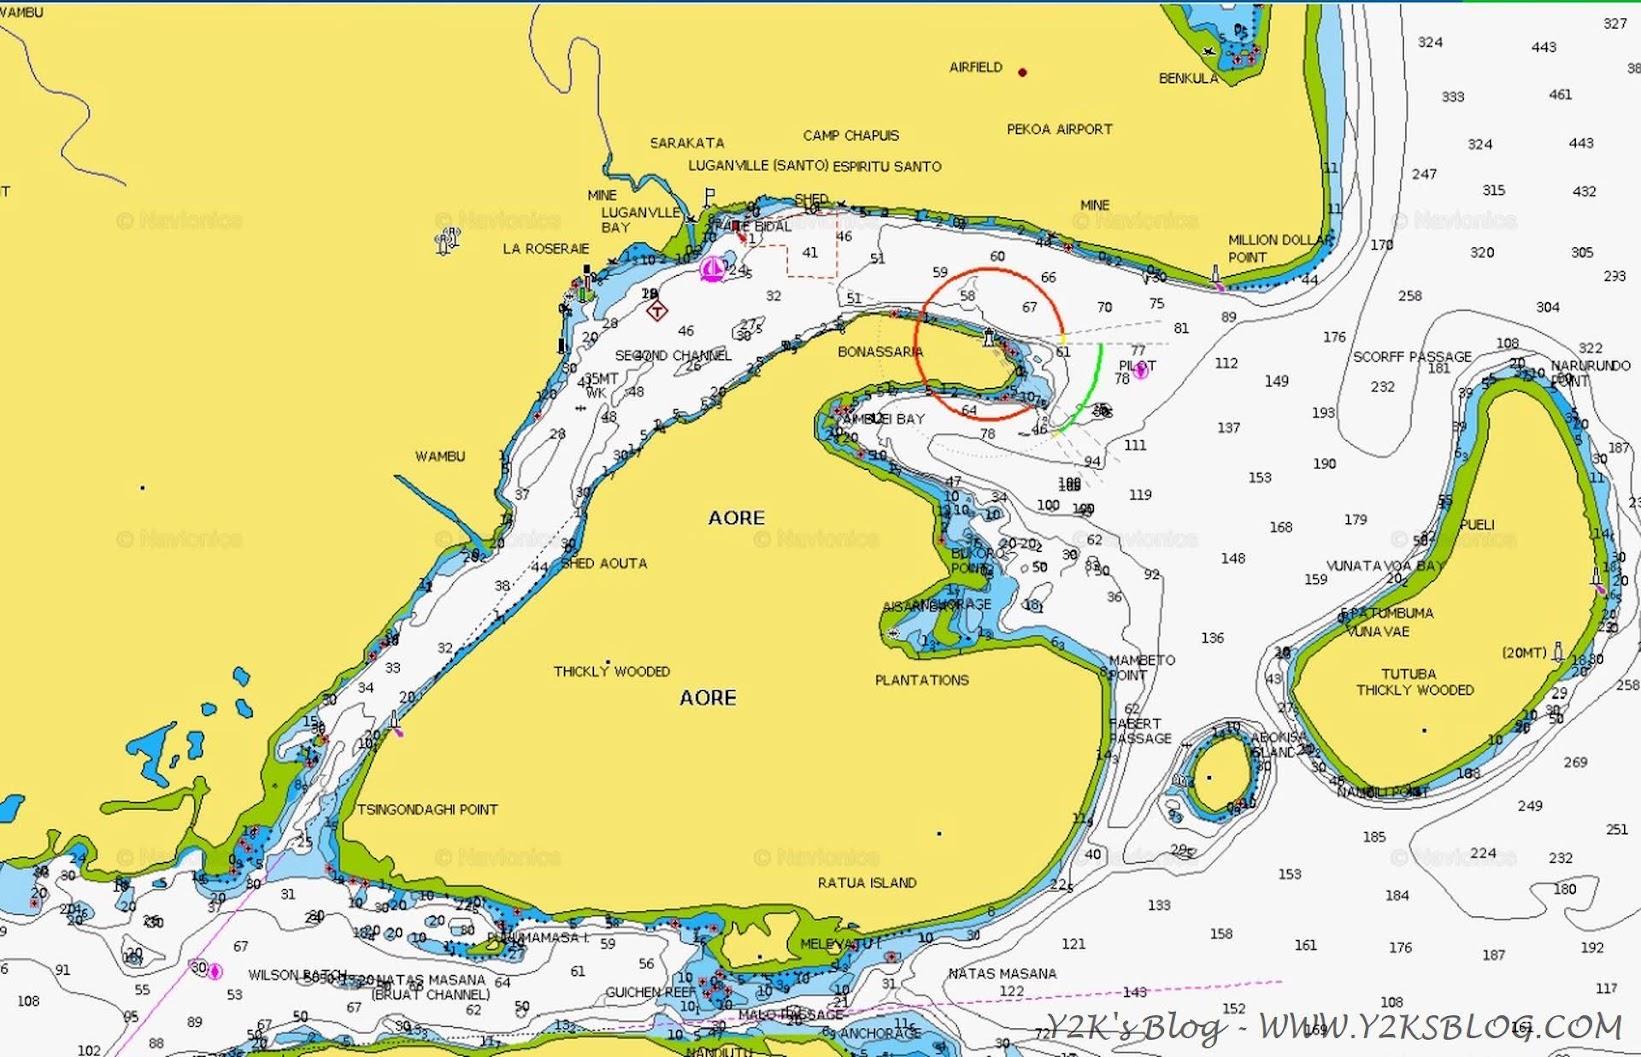 La baia di Luganville e l'Isola di Aore - Santo